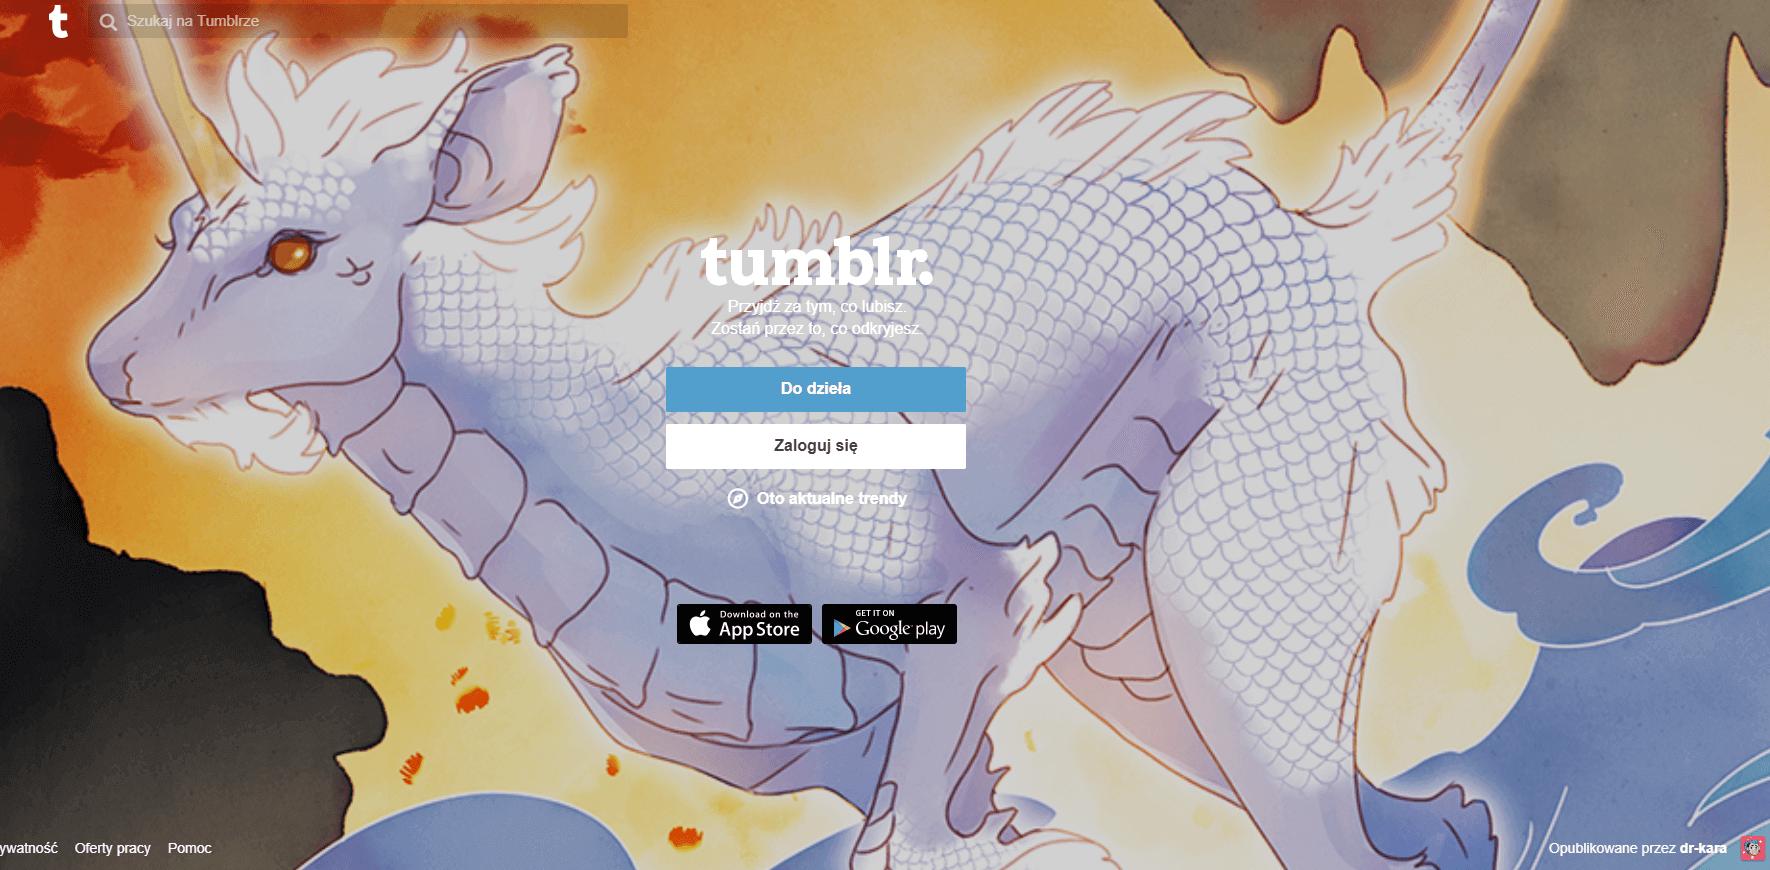 zakładanie bloga na tumblr